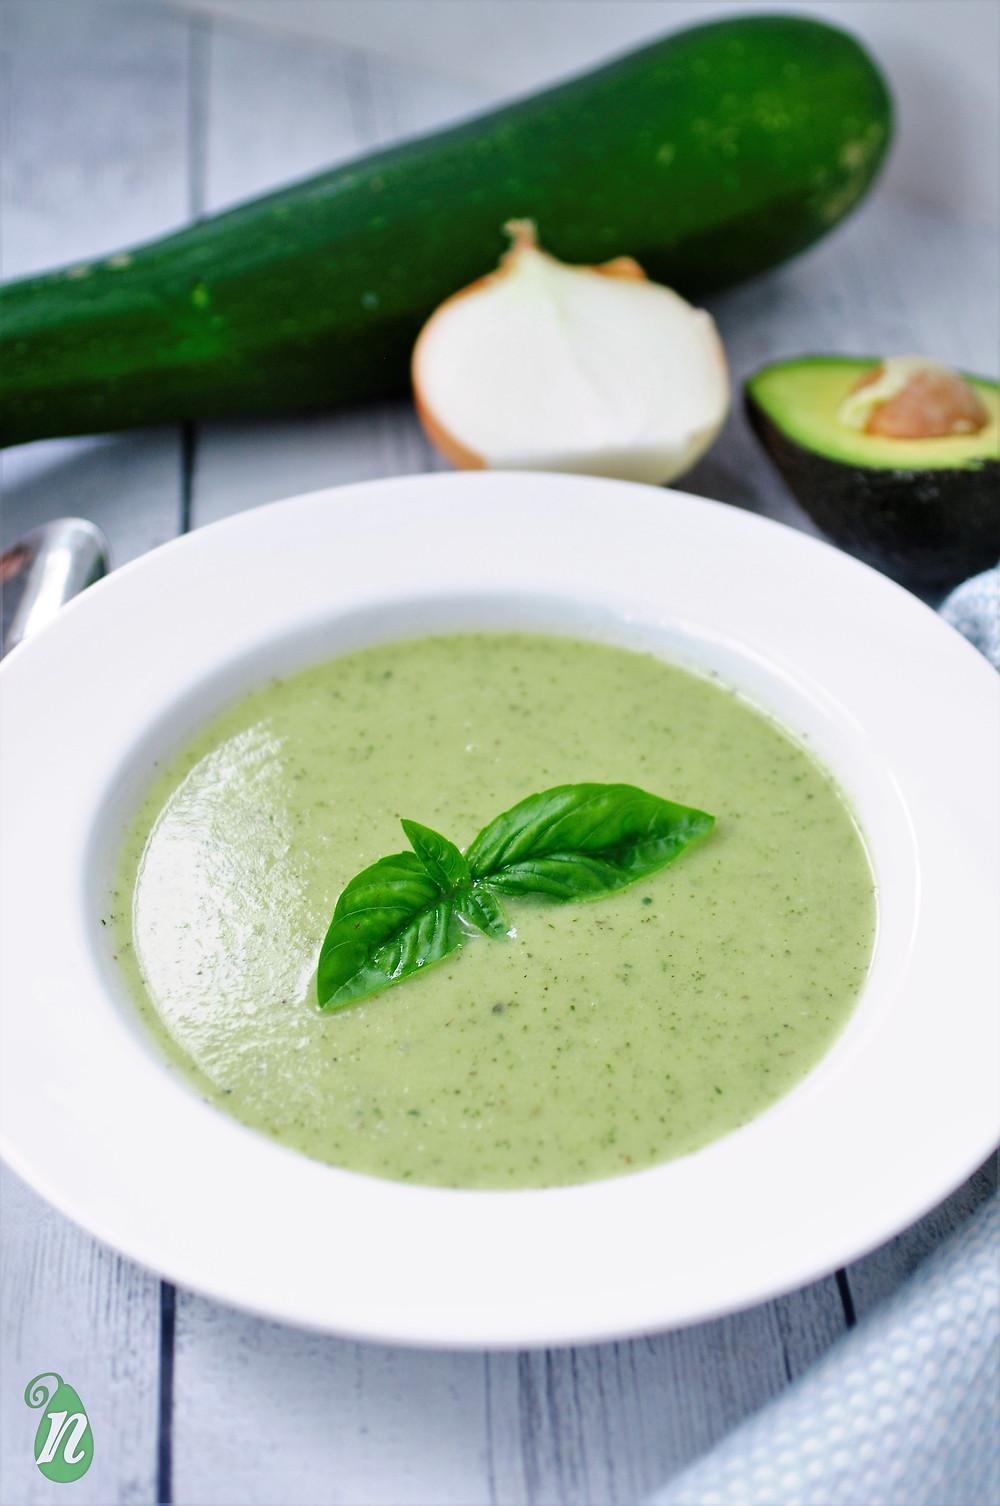 creamy-vegan-zucchini-and-avocado-soup-recipe